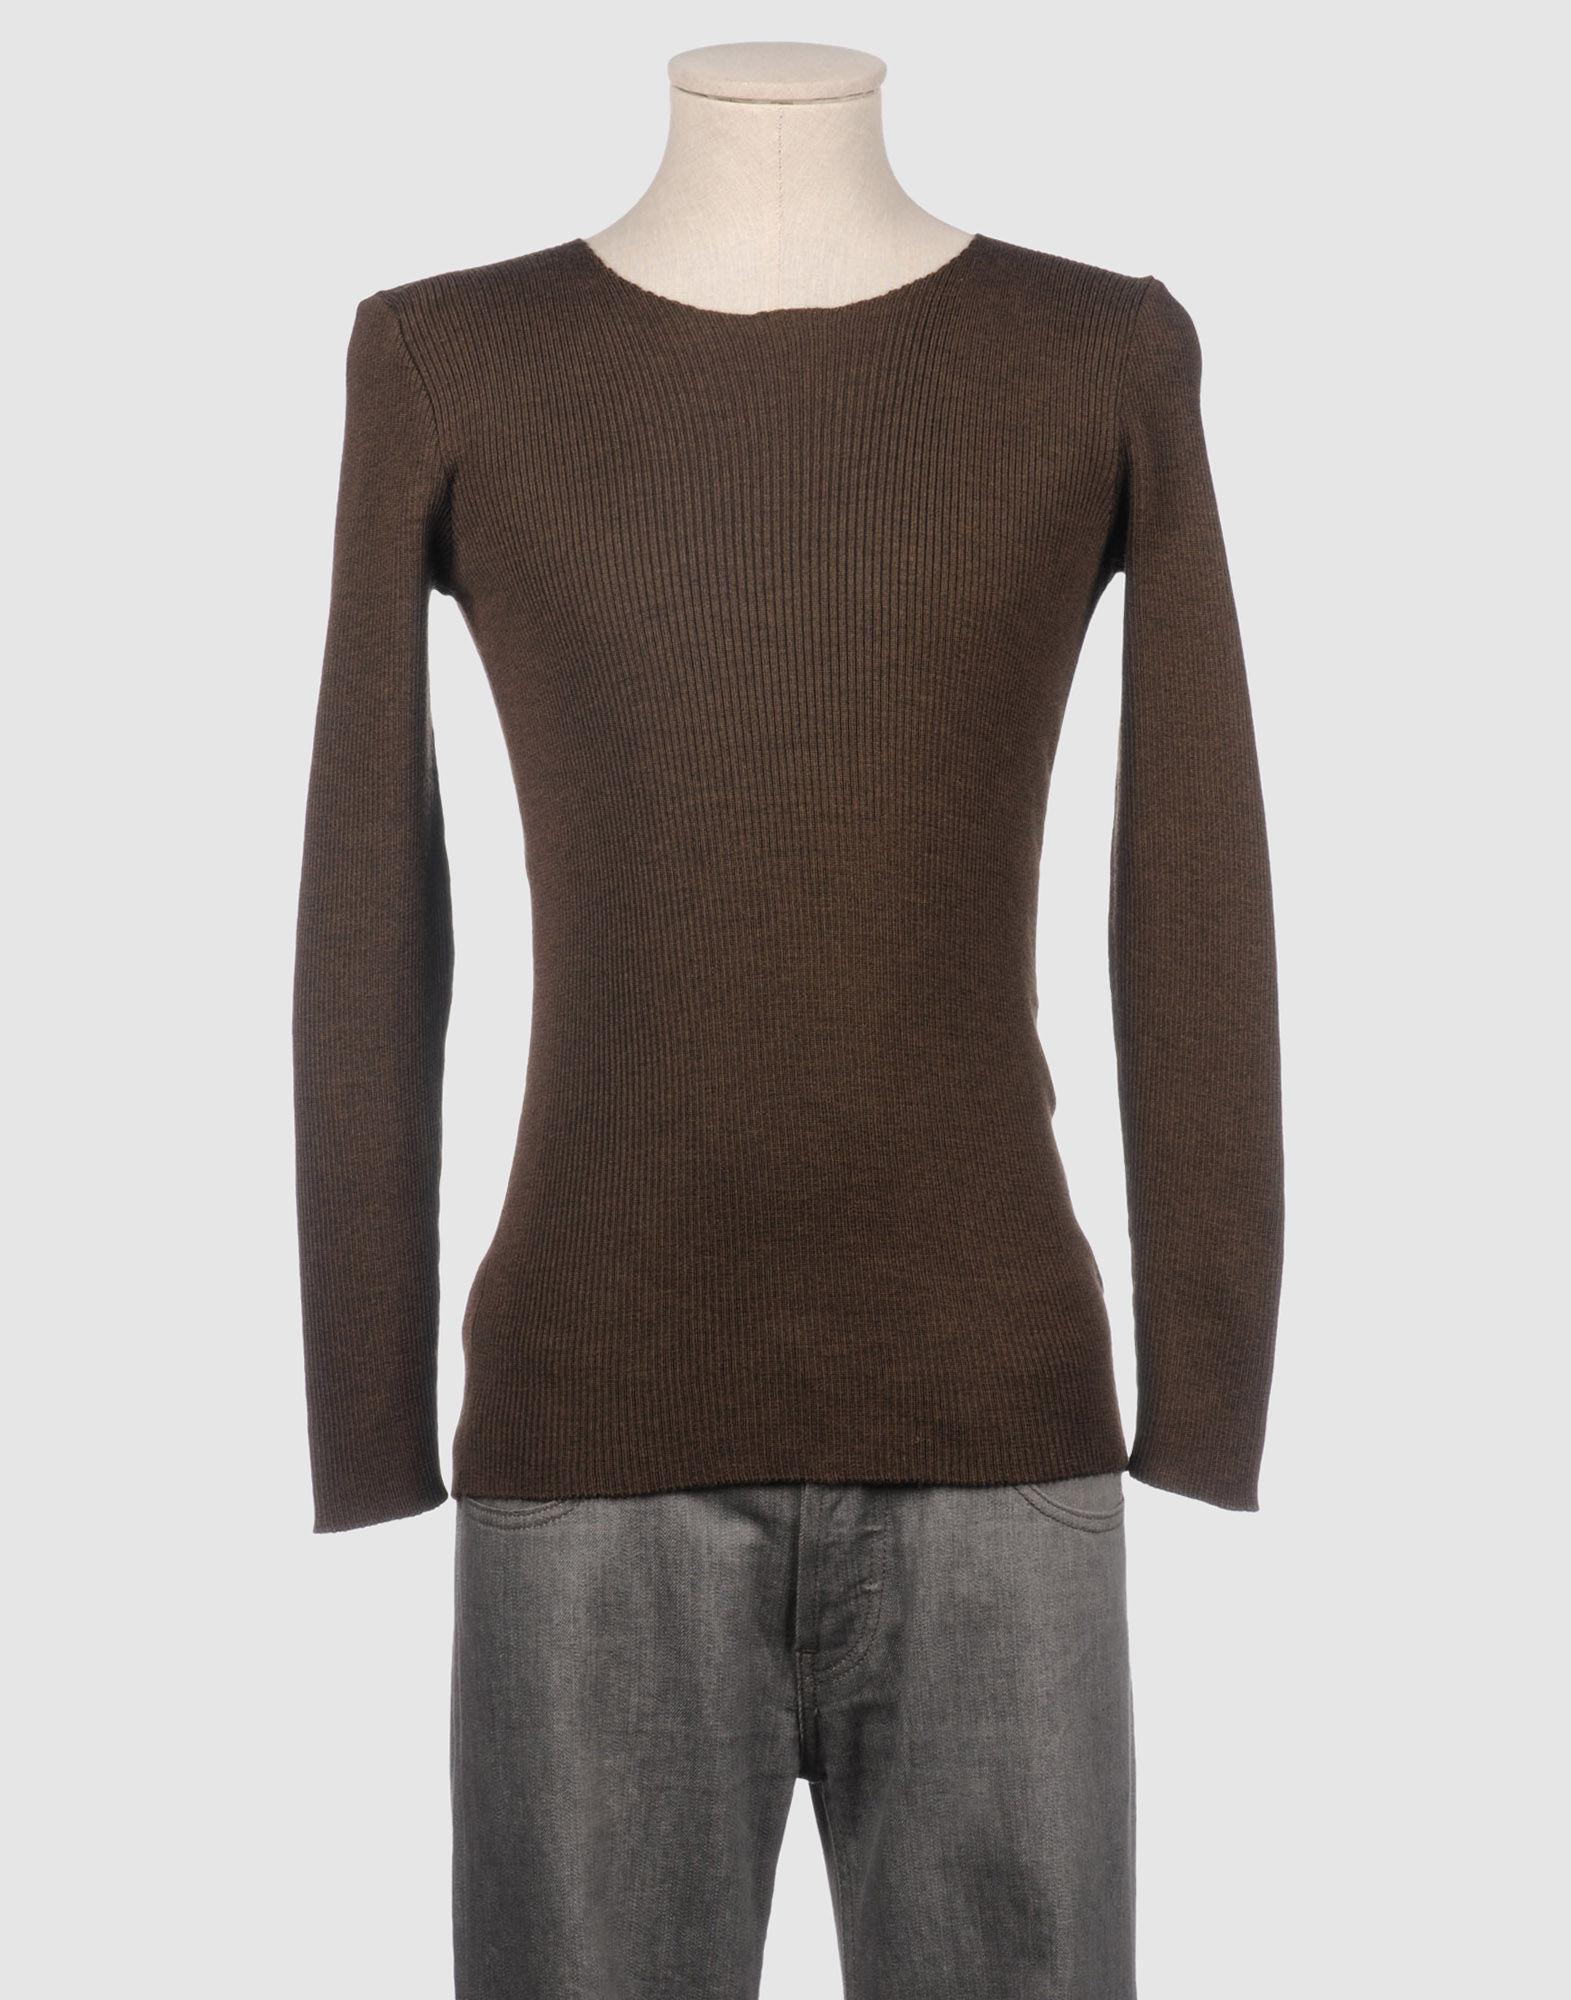 GIULIANO FUJIWARA Crewneck Sweater in Dark Brown